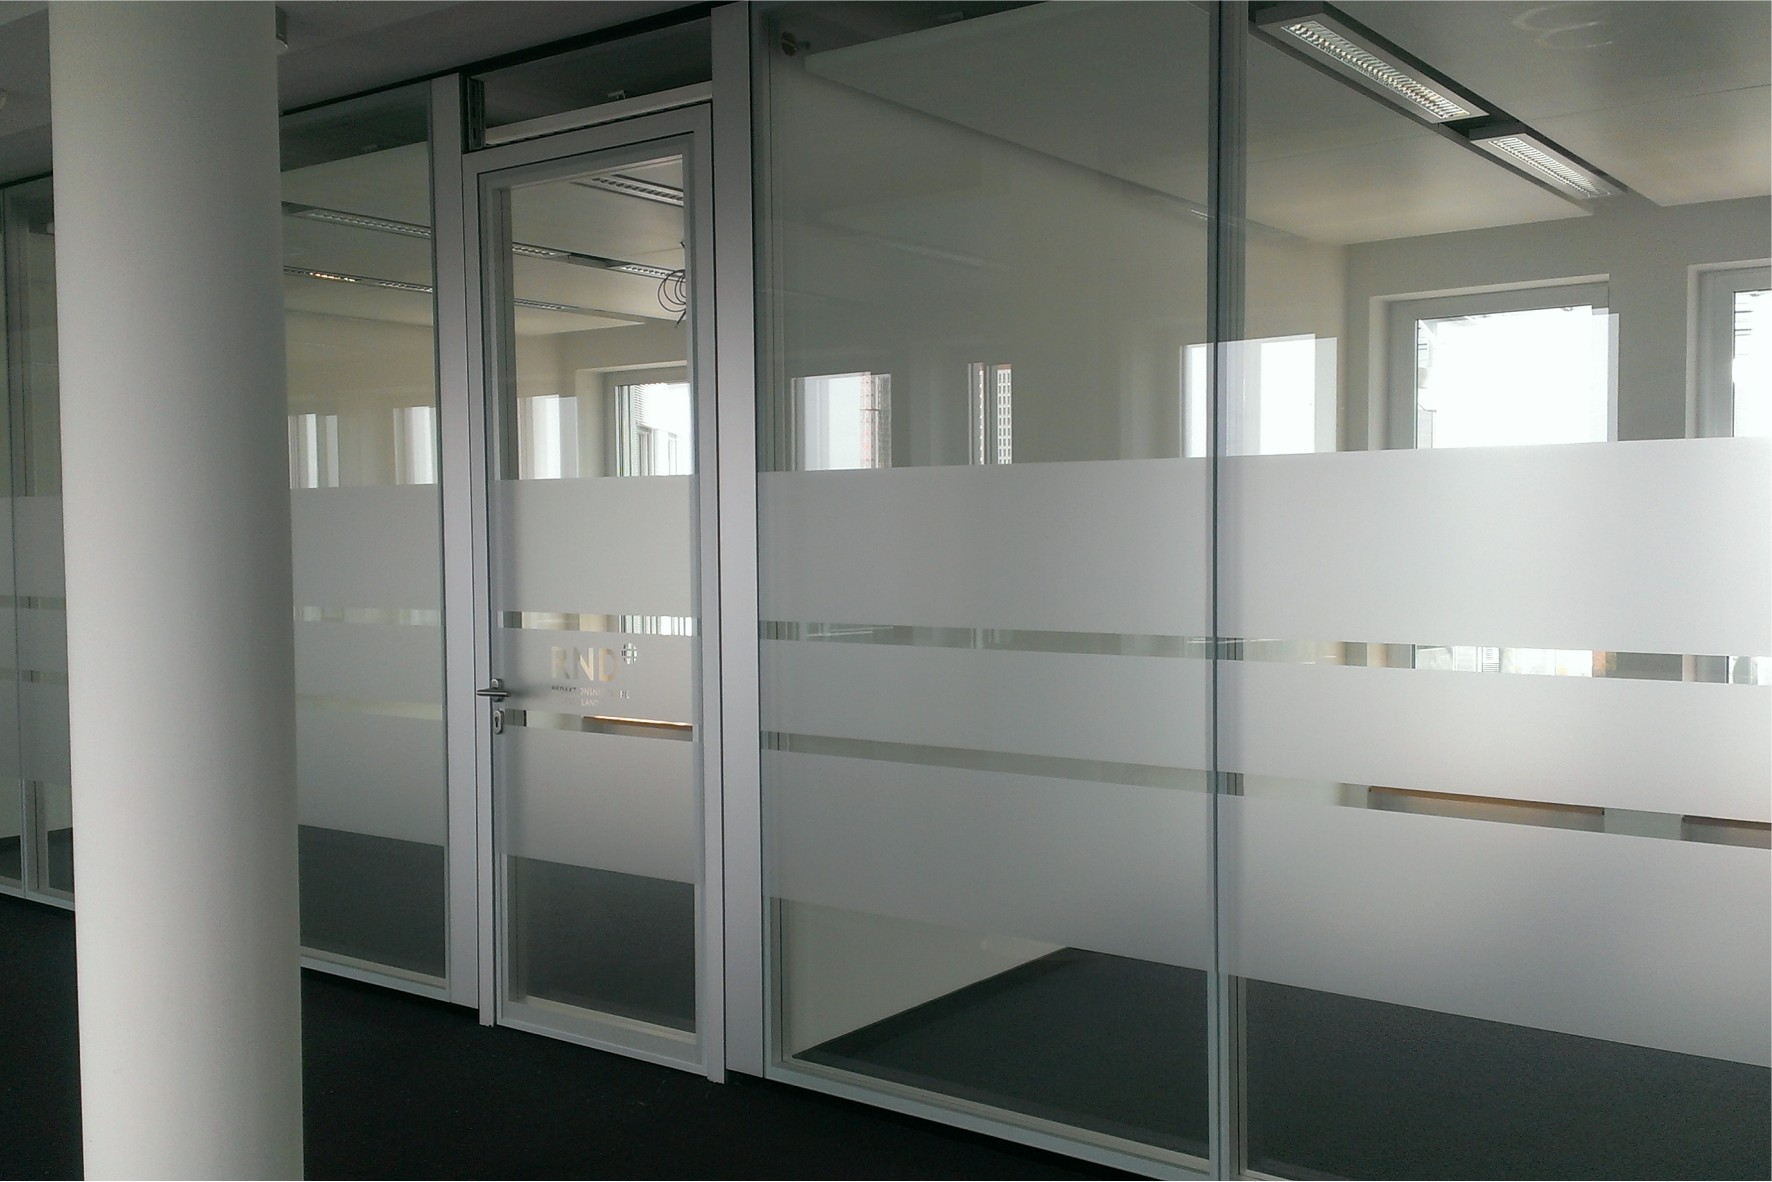 Glasdekorfolien für Türen berlin reklame milchglasfolie für